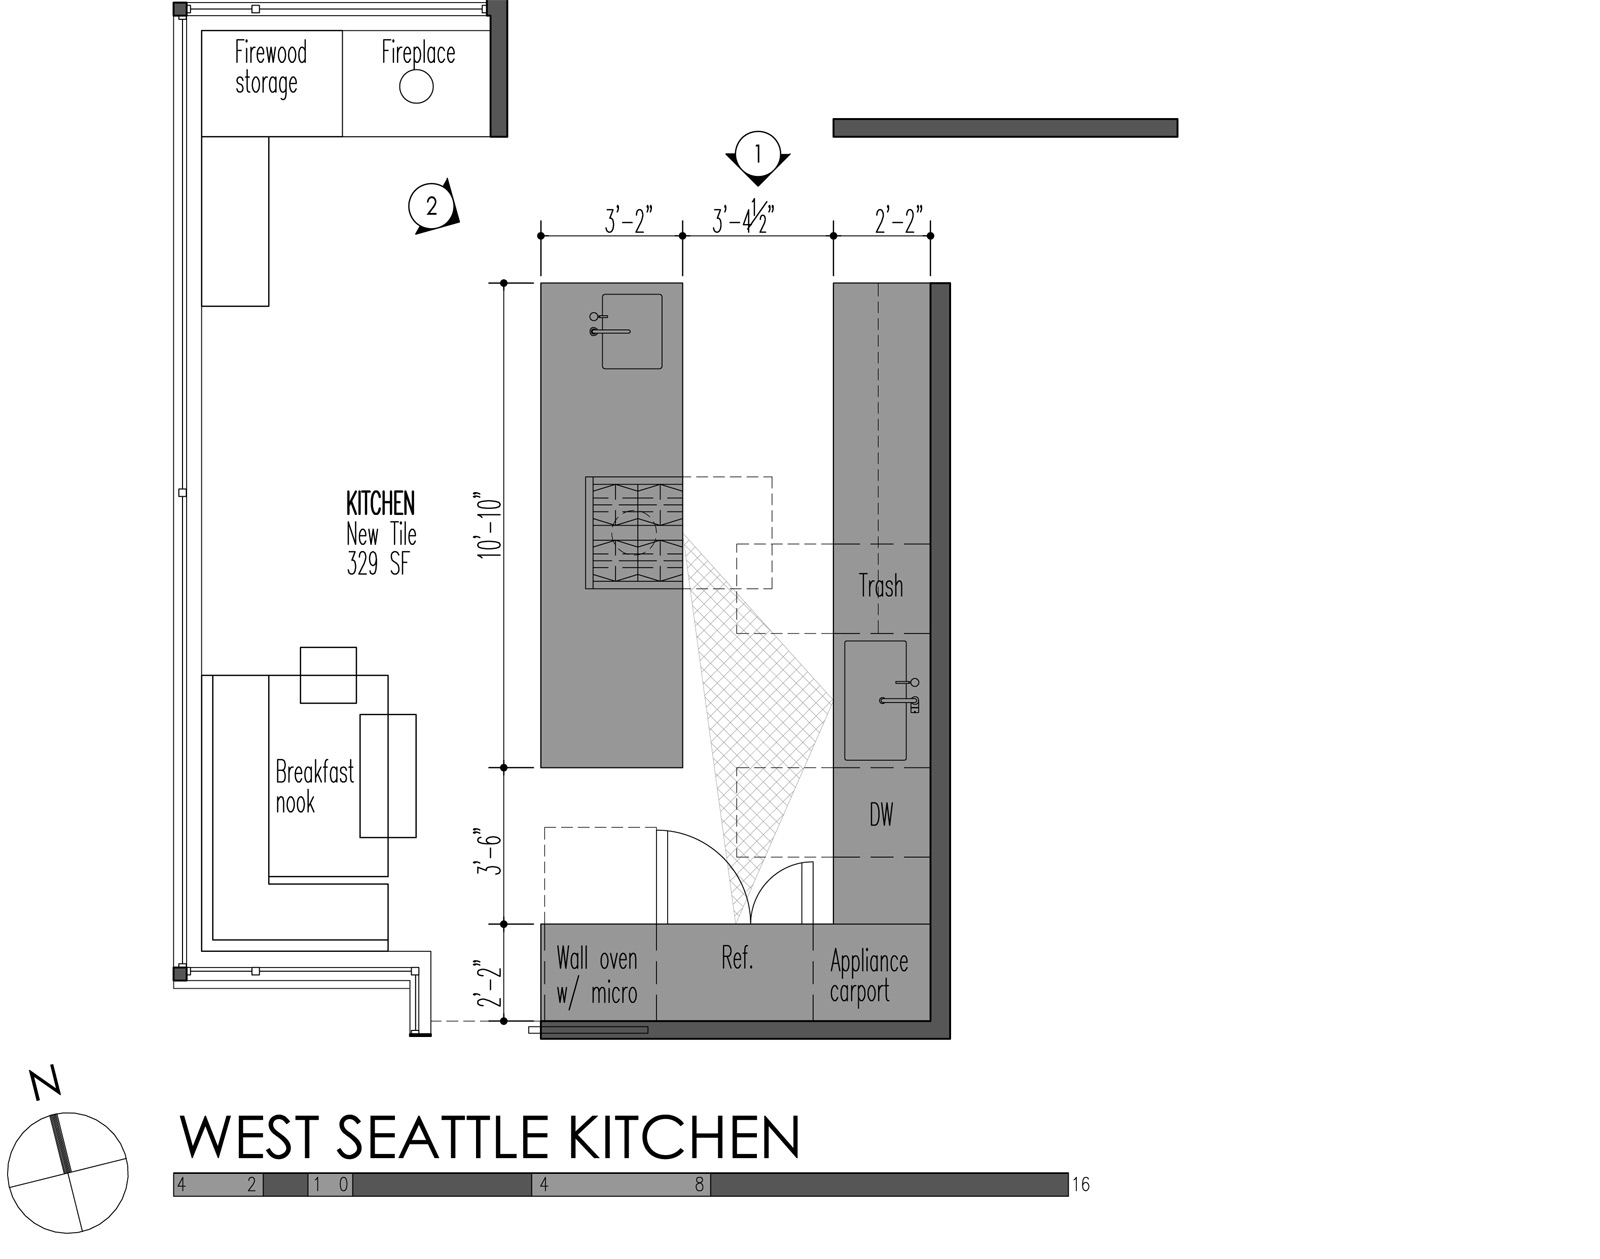 5 modern kitchen designs principles standard kitchen cabinet height West Seattle Kitchen plan